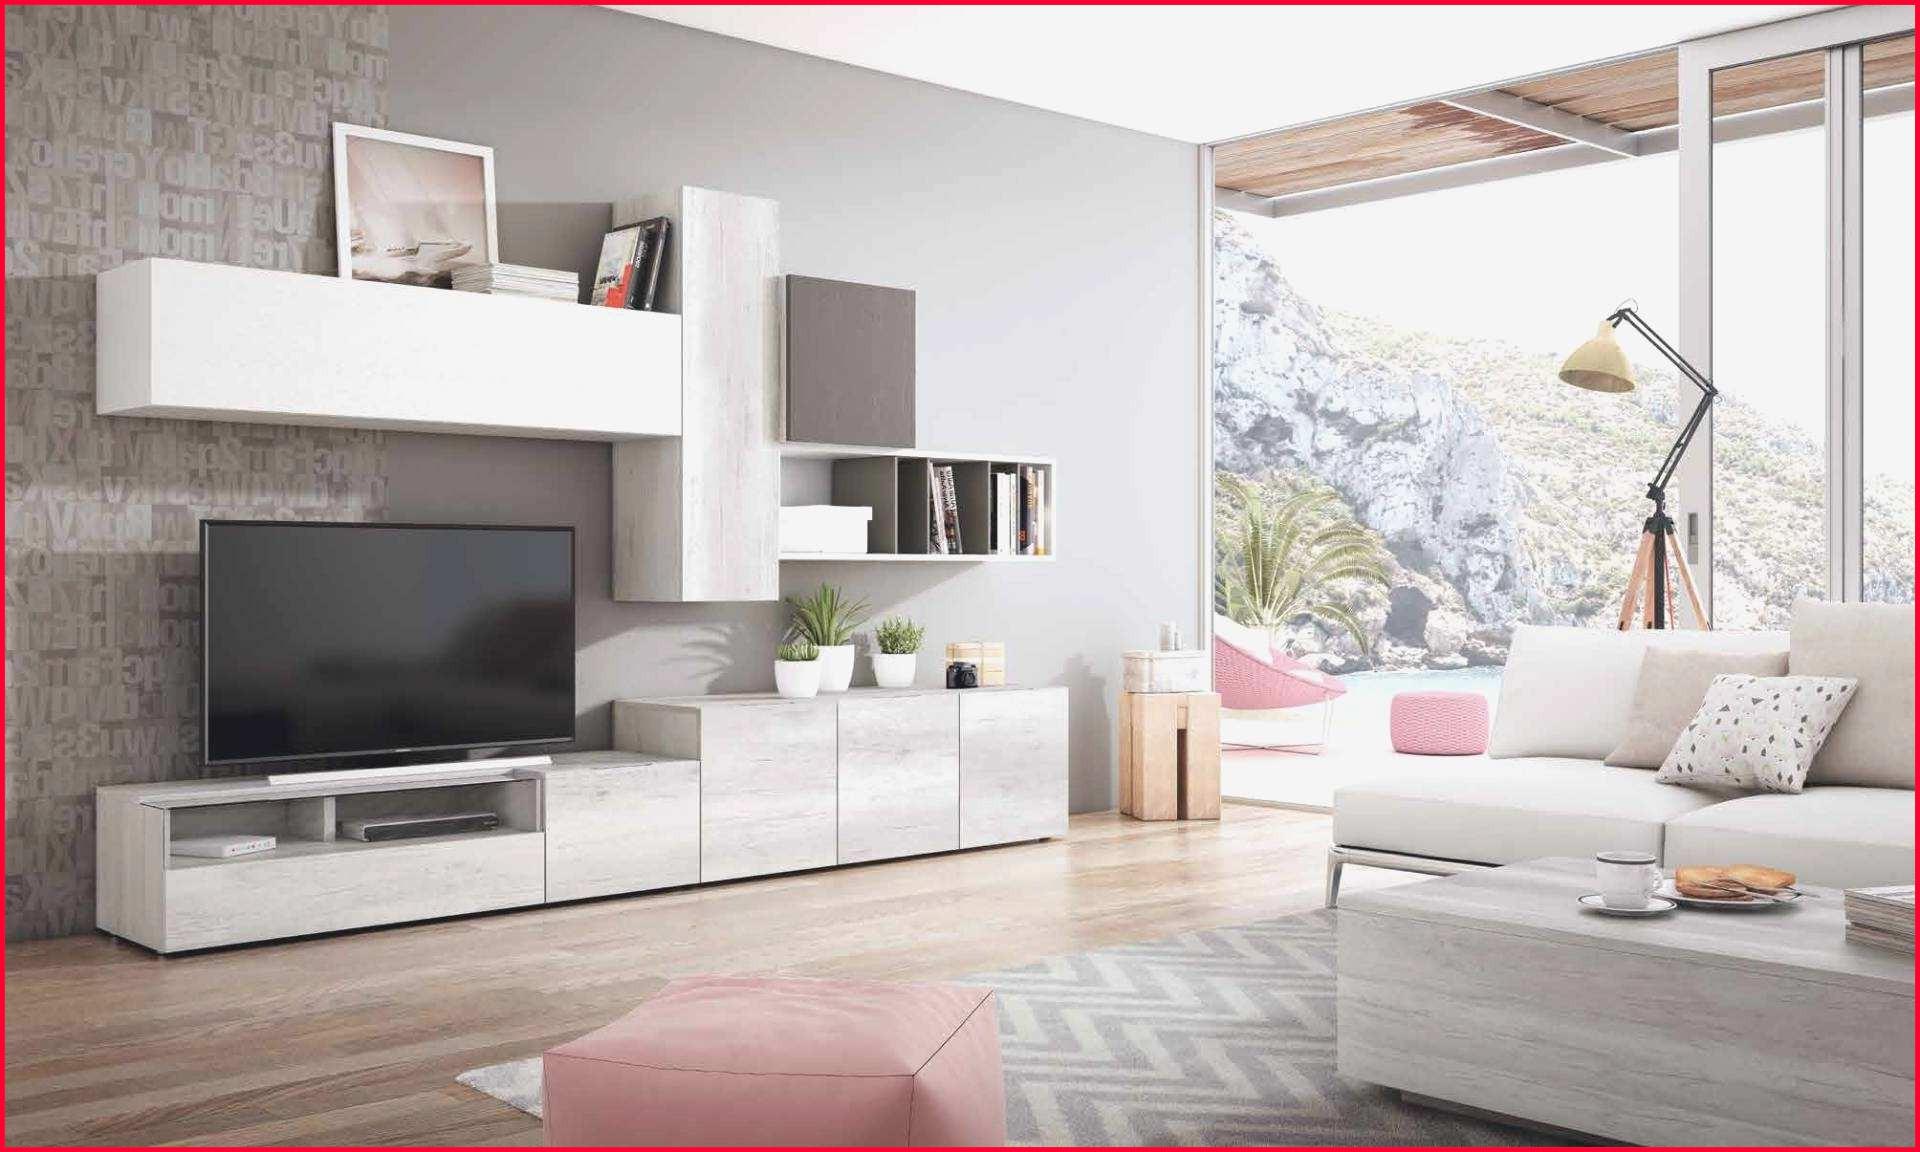 Tiendas De Muebles En Granada Budm Reciente Tiendas De Muebles En Granada Imagen De Muebles Decoracià N